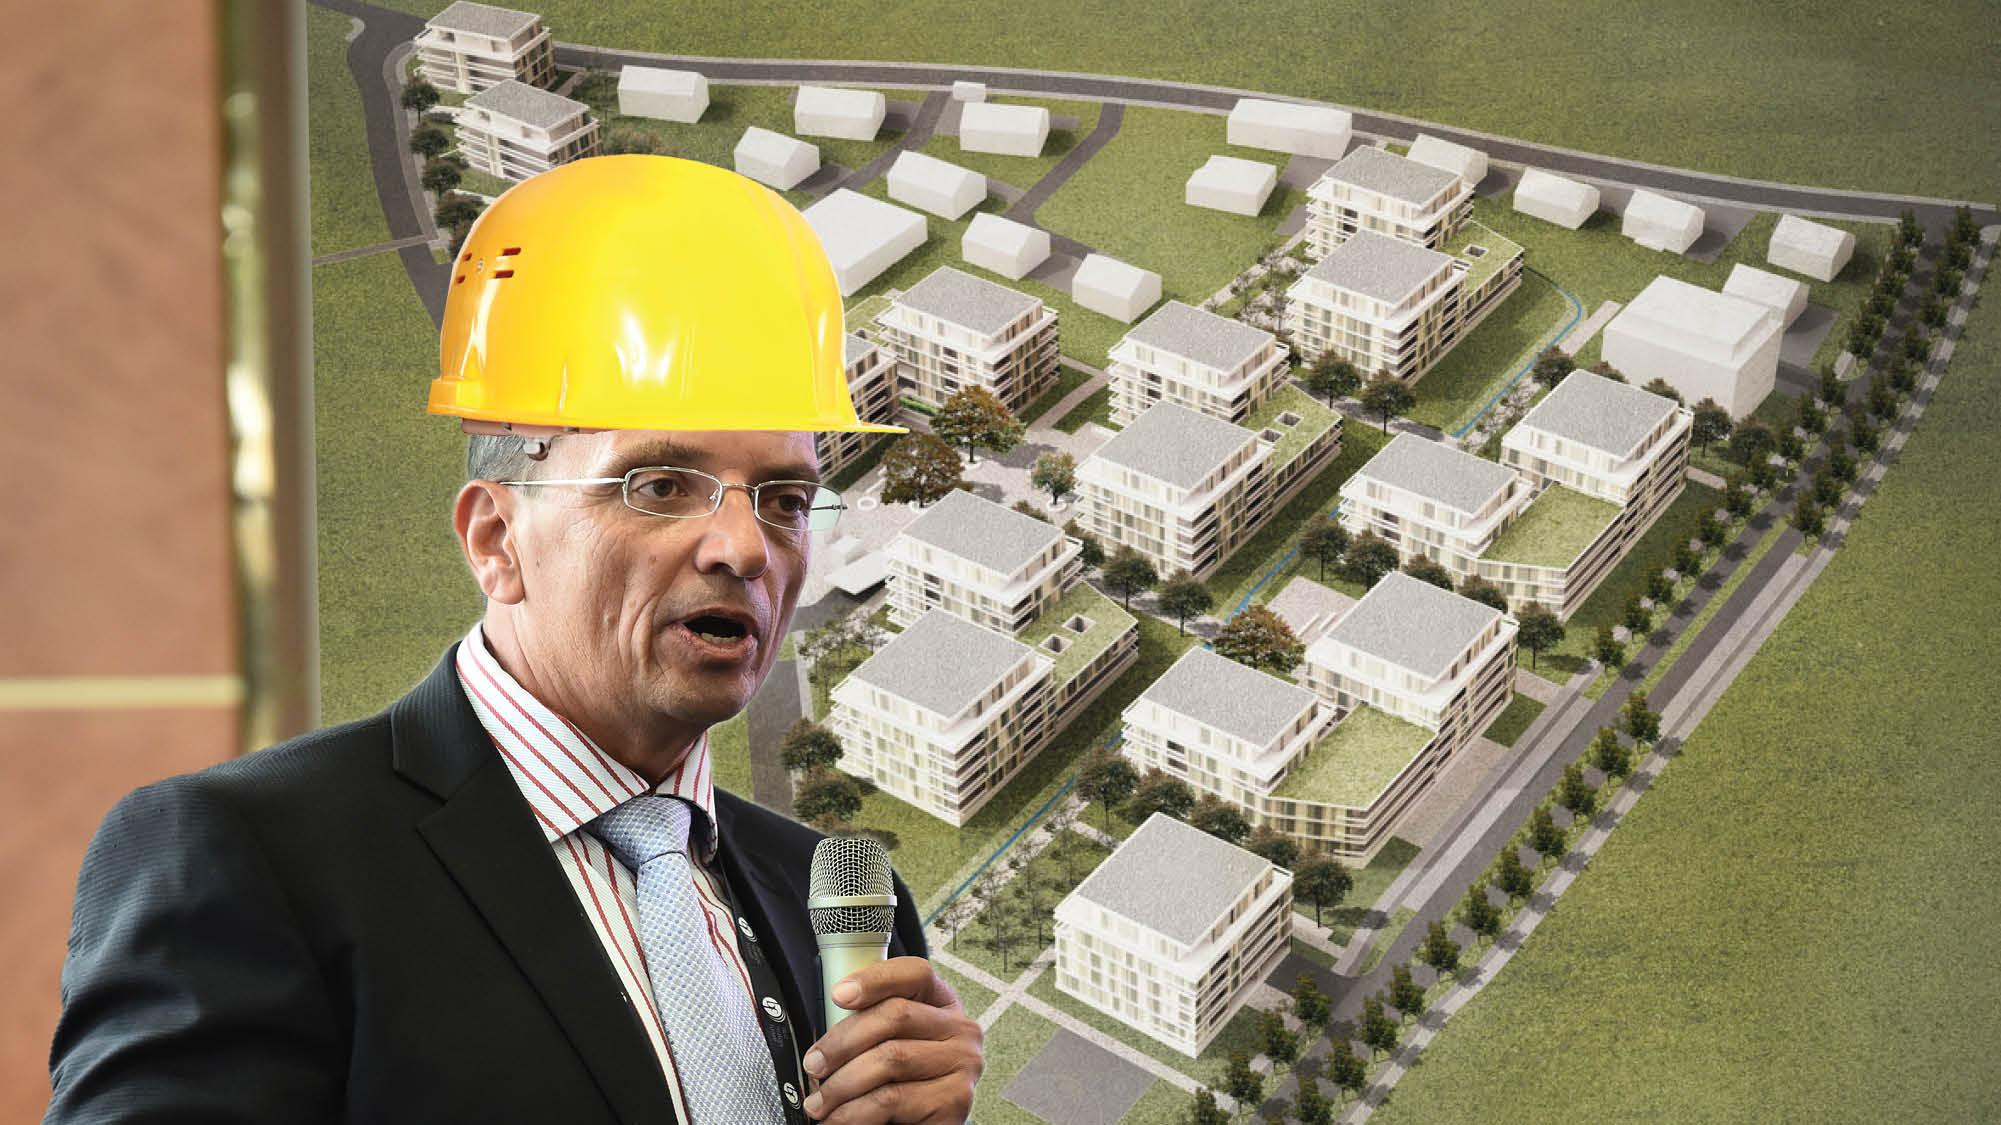 DUTB bi gradila stanovanja v Podutiku. Išče se zasebni partner!